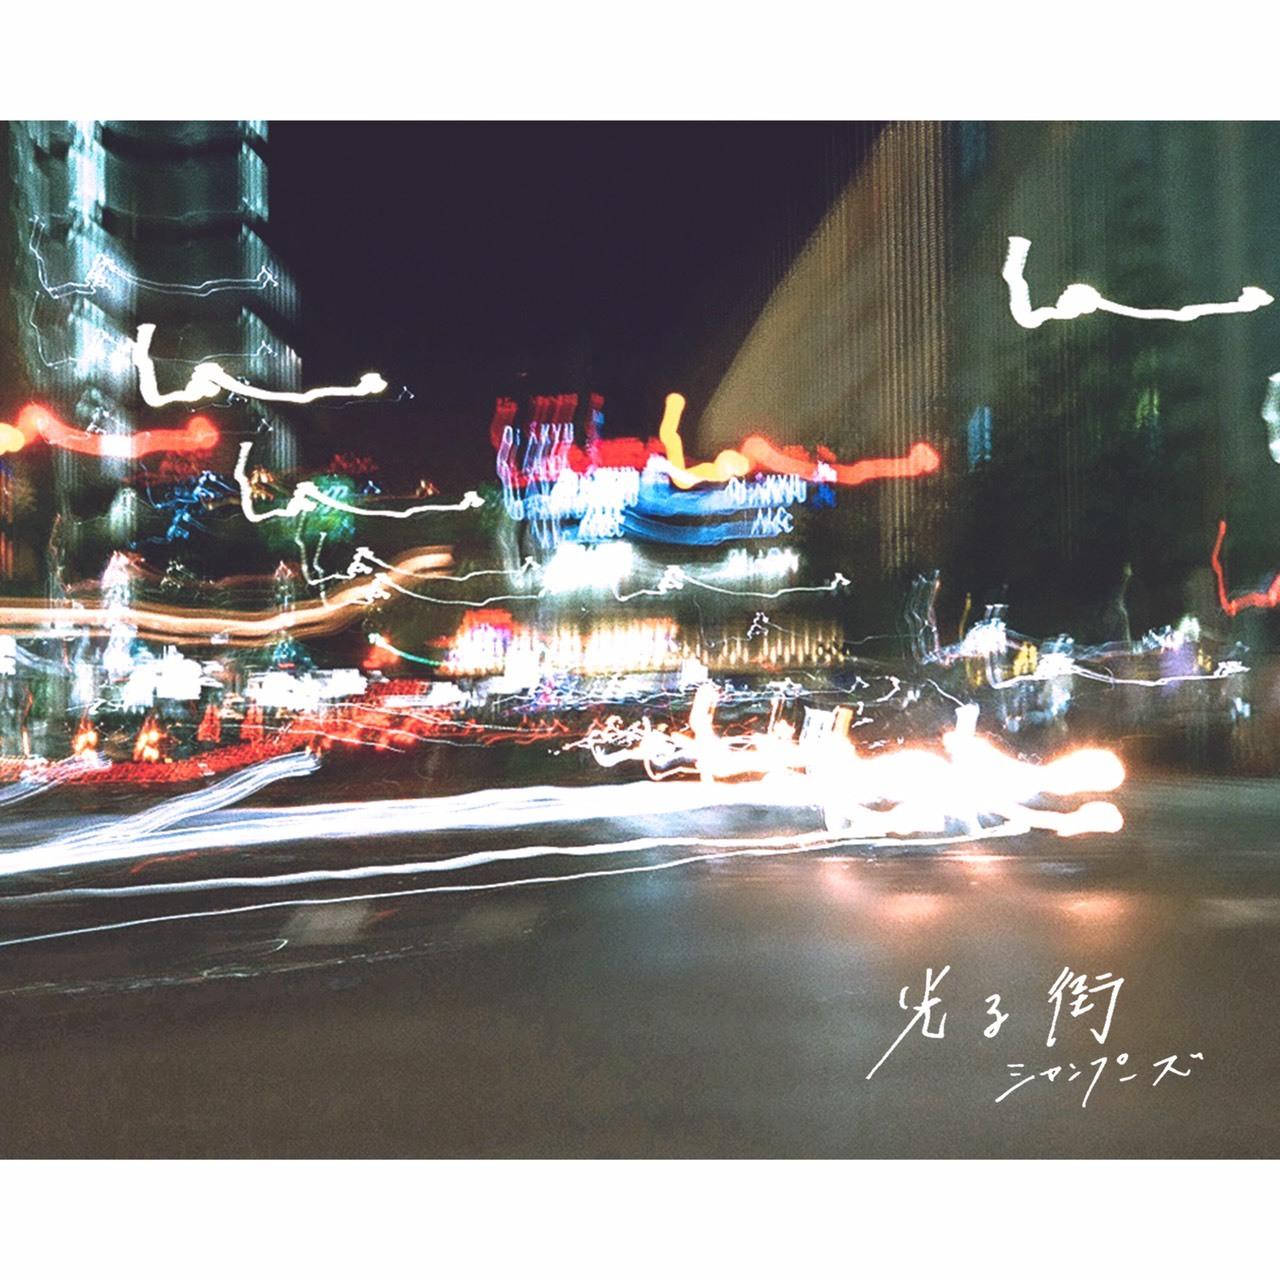 「光る街」ジャケット